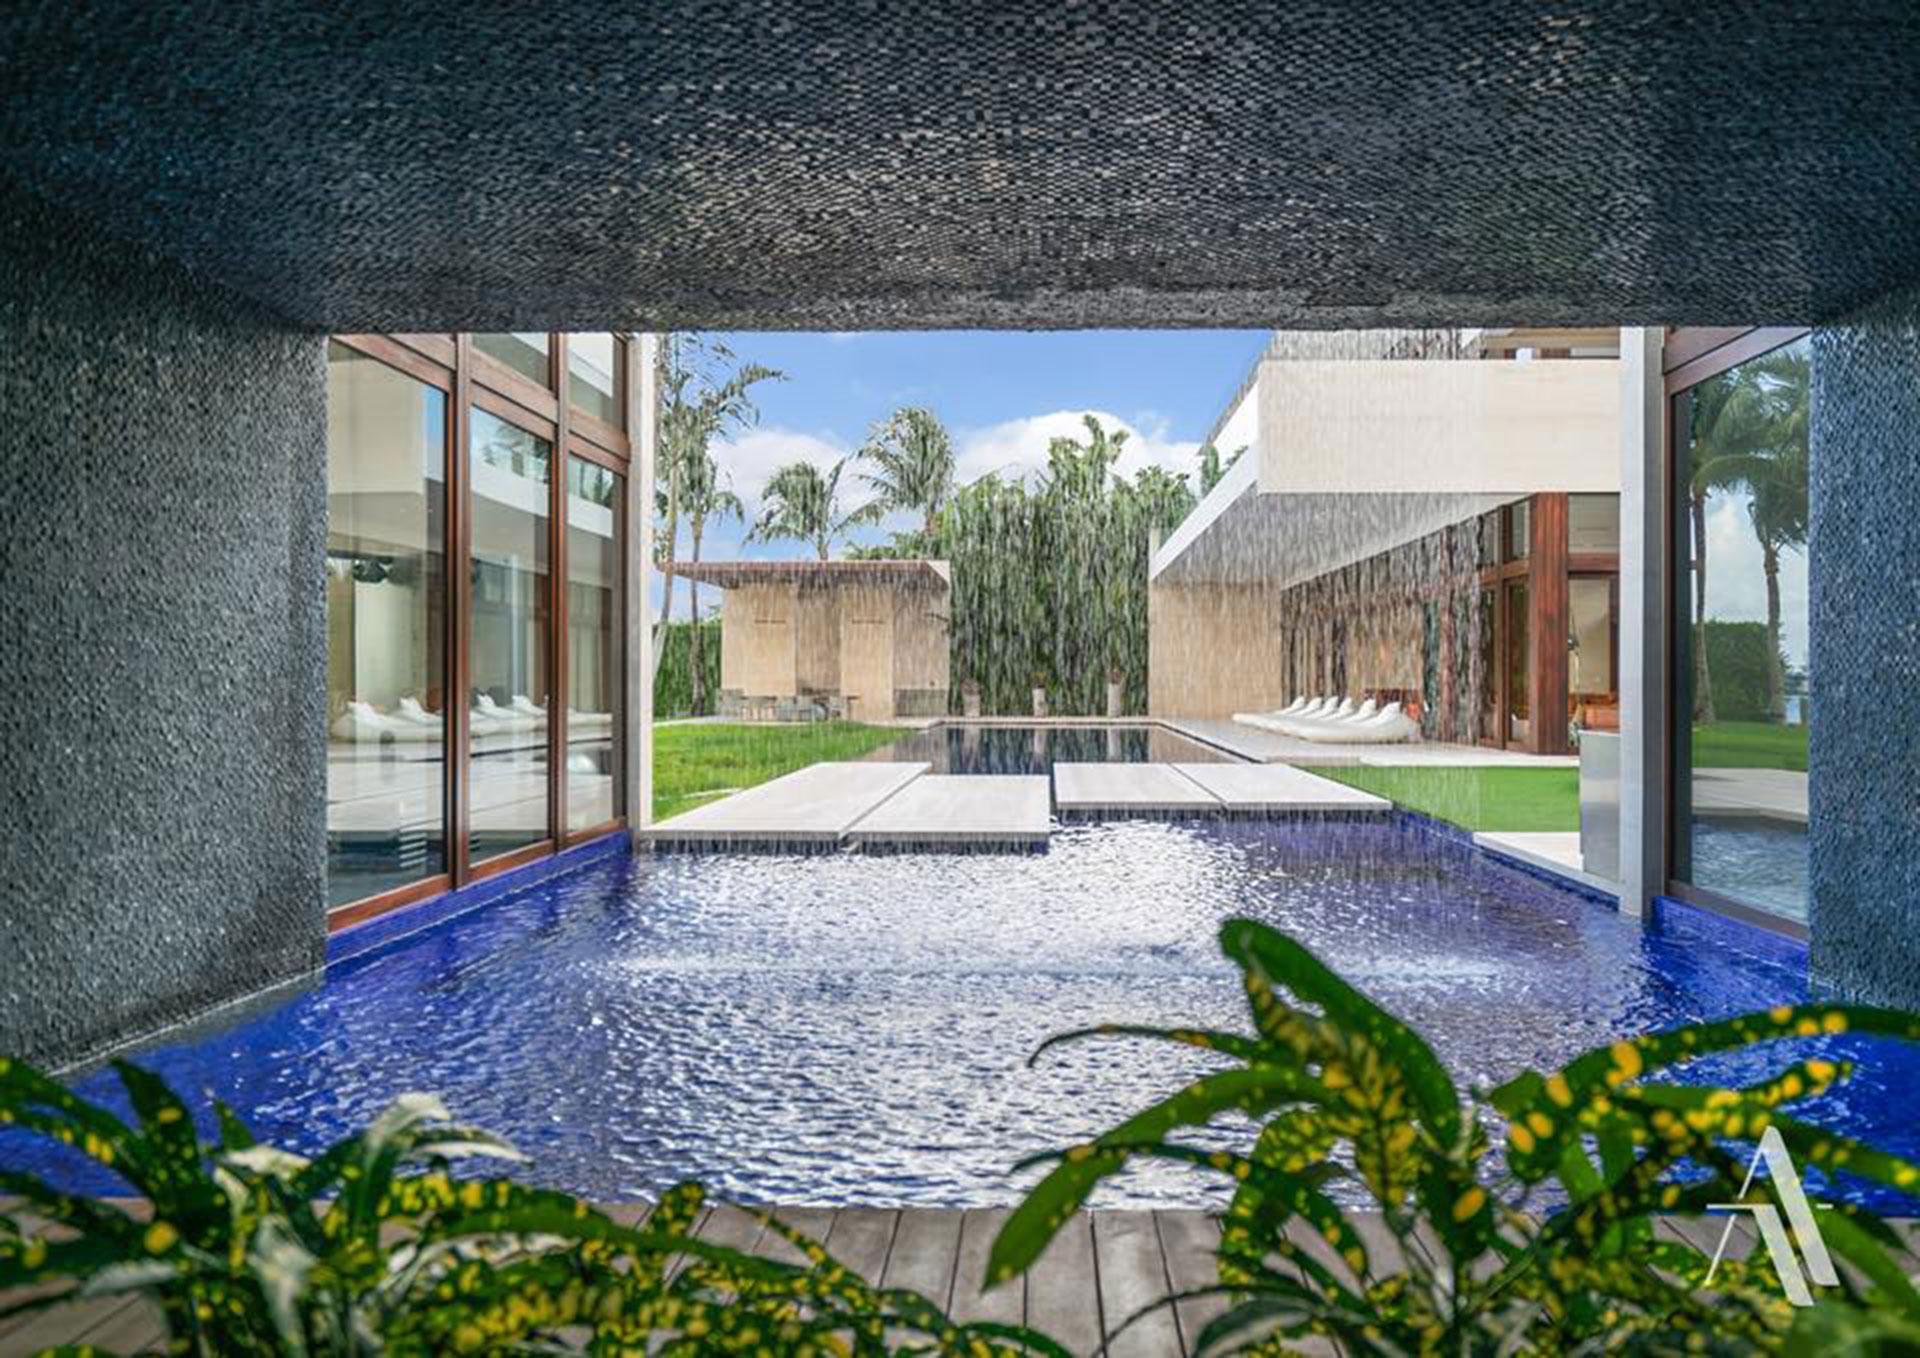 El sector inmobiliario de la zona se ha visto impulsado por las nuevas regulaciones impositivas que reducen las cargas sobre los bienes personales.En 2012, fue vendida por USD 47 millones